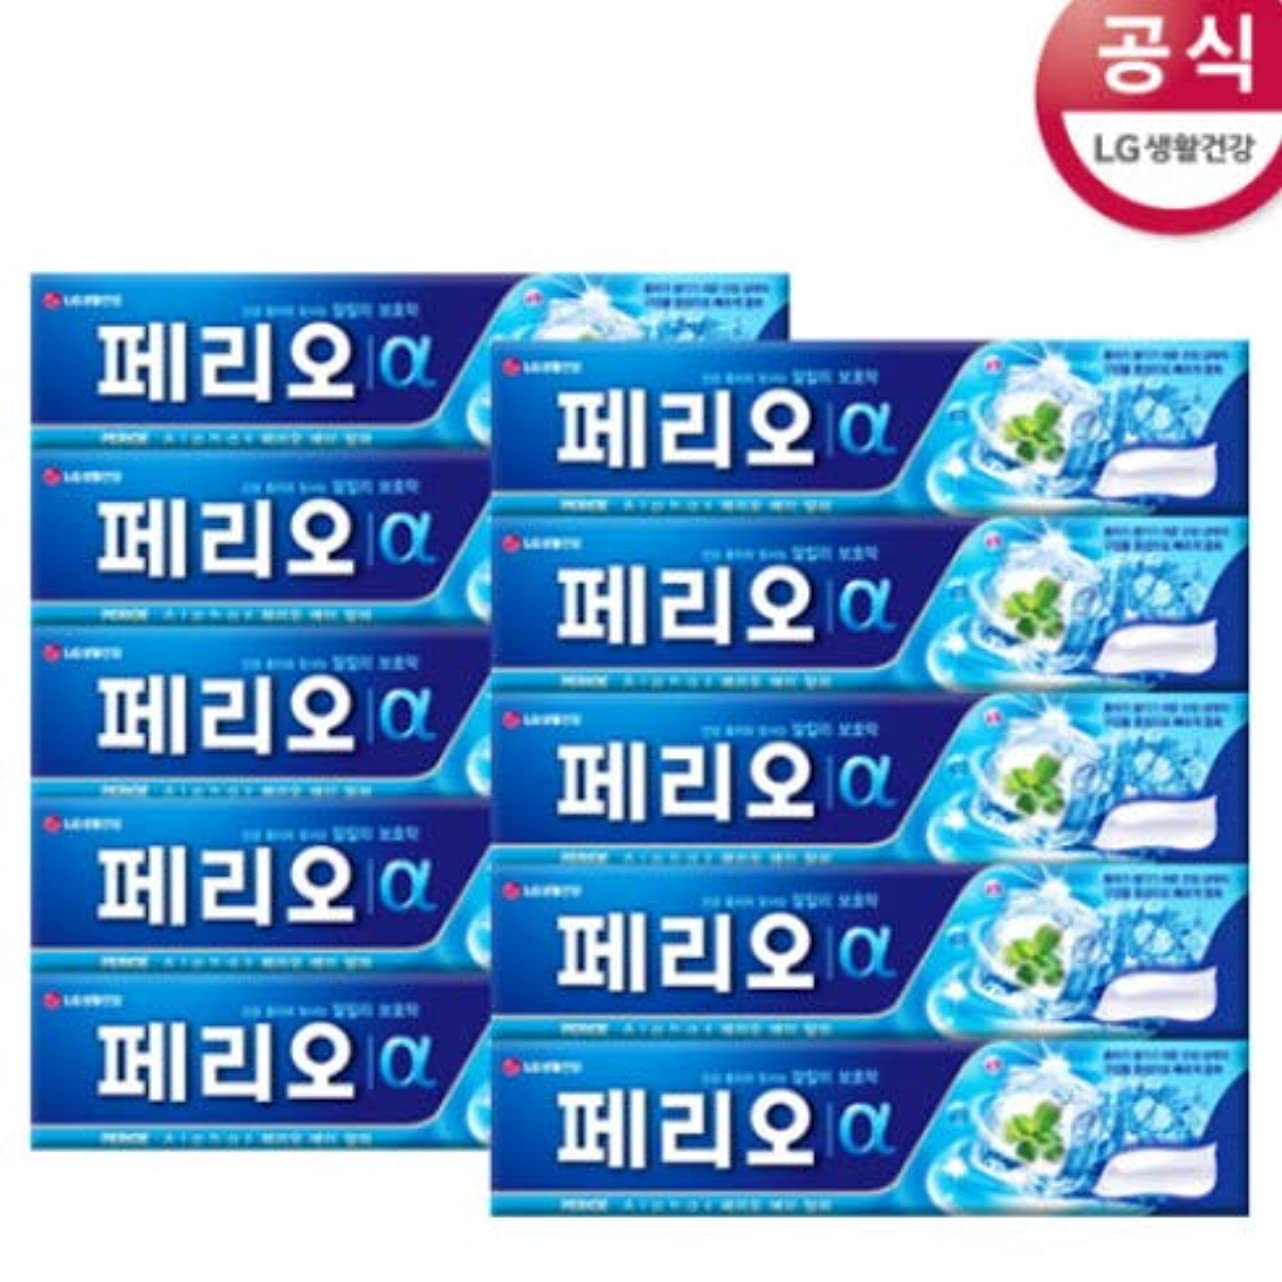 懐疑的生きている繁栄する[LG HnB] Perio Alpha Toothpaste/ペリオアルファ歯磨き粉 170gx10個(海外直送品)